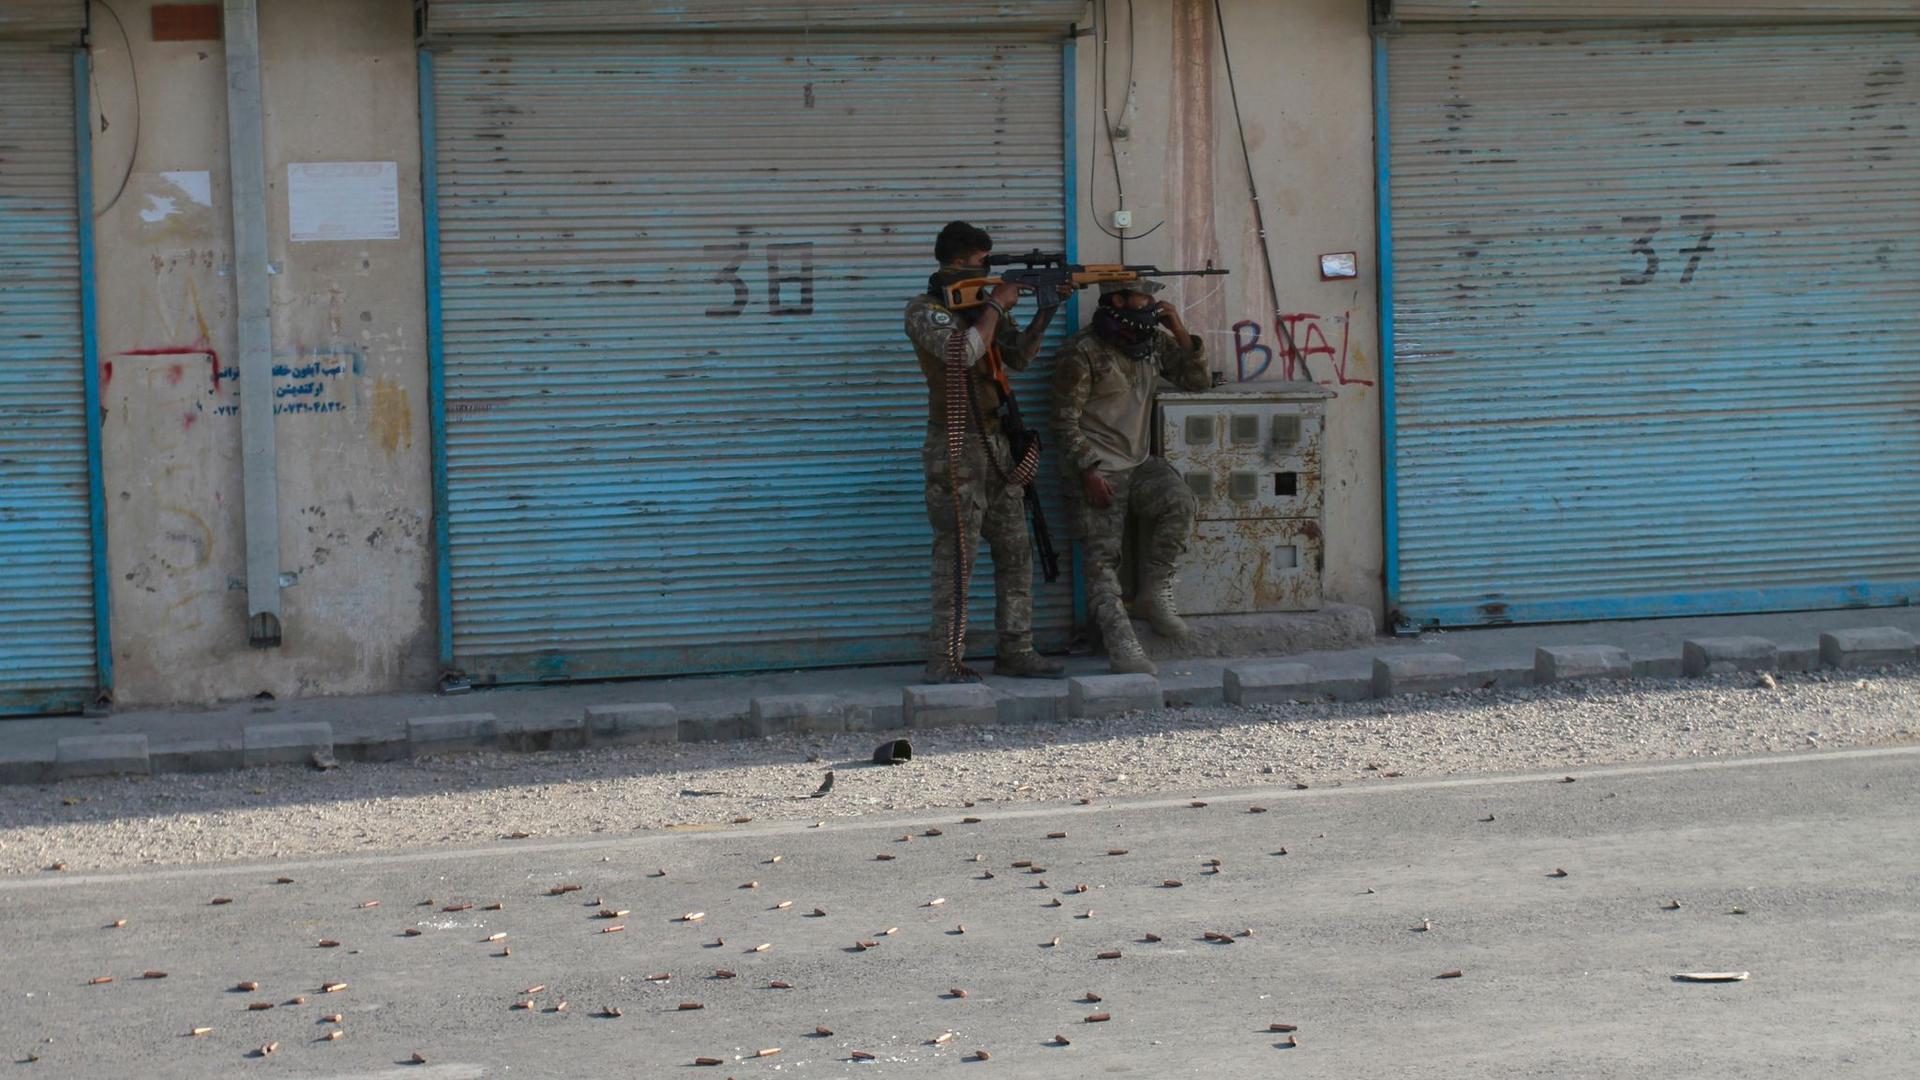 Afghanische Sicherheitskräfte feuern in der Stadt Herat auf Kämpfer der Taliban.